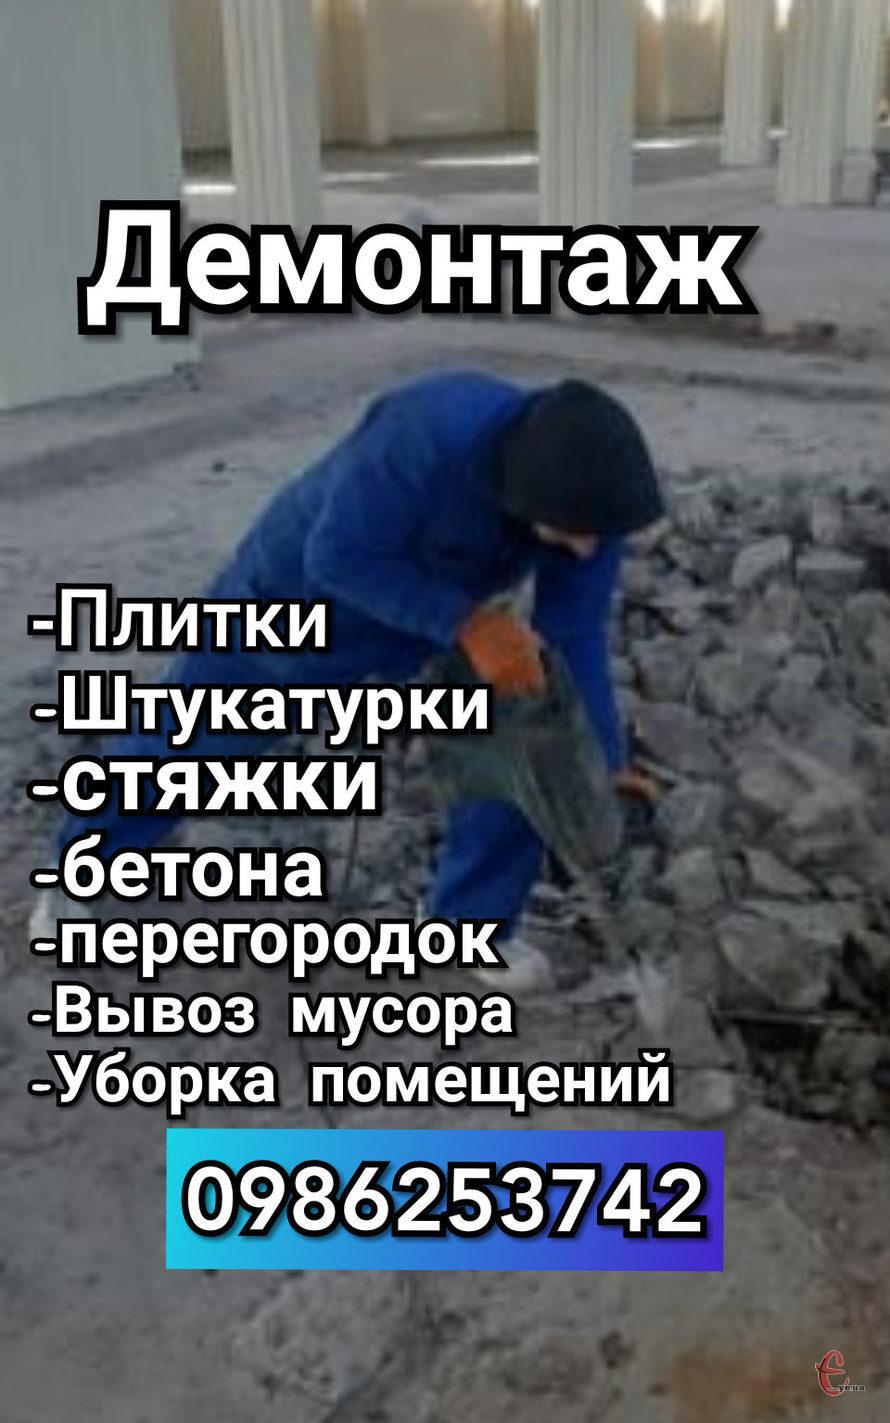 Абсолютне виконання демонтажних робіт в Хмельницькому. Вивіз будсміття